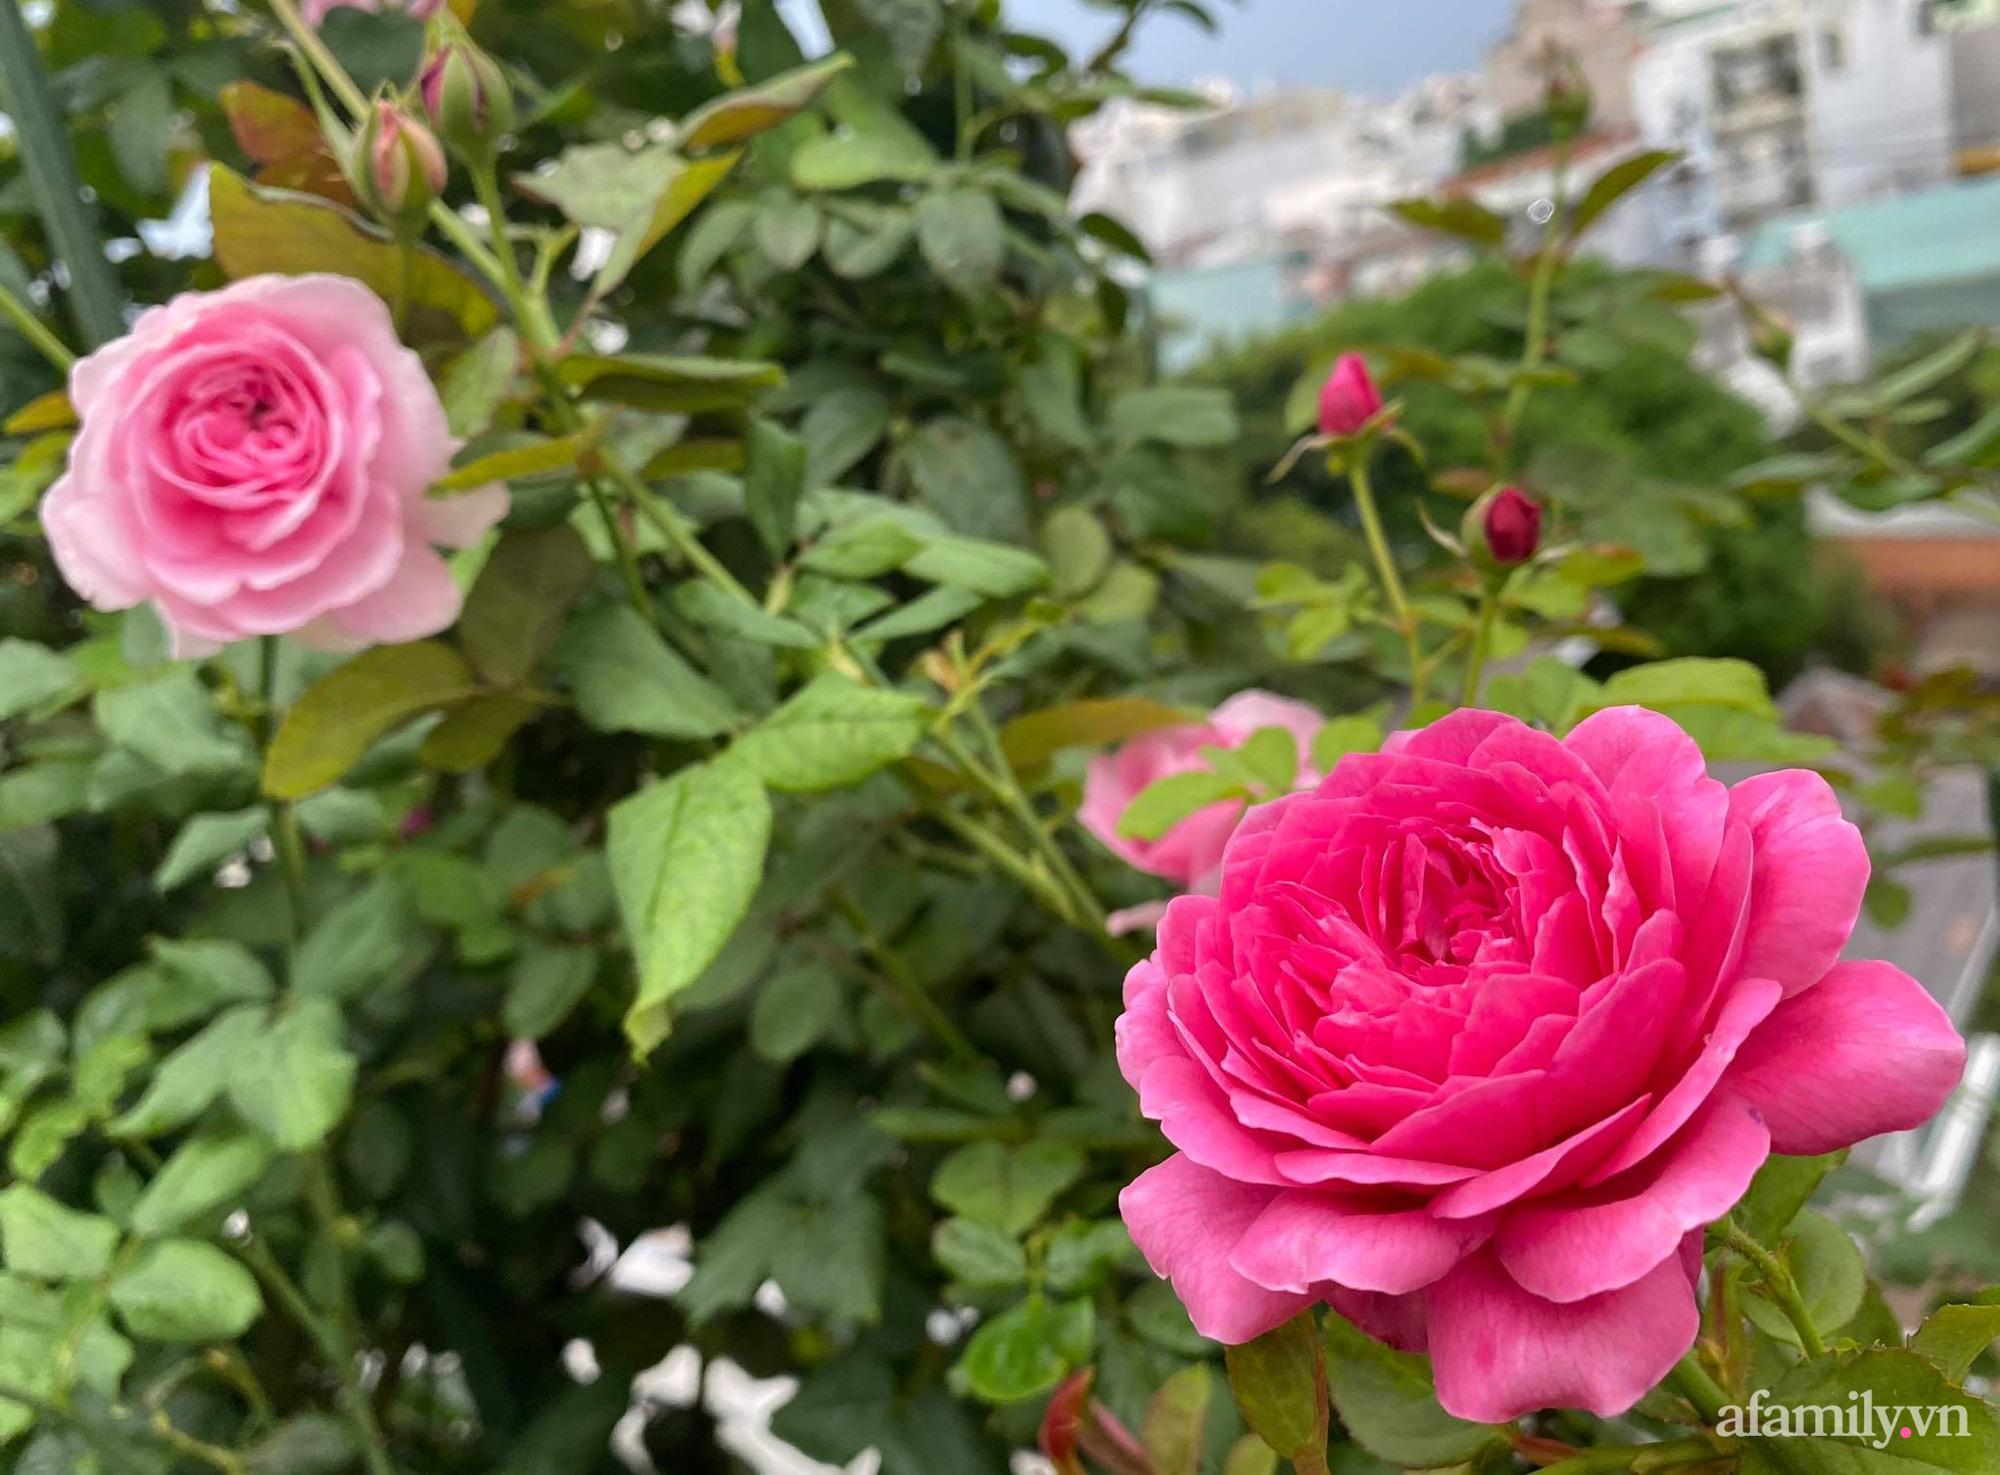 Sân thượng phủ kín hoa hồng và rau quả sạch ở Sài Gòn của Hoa hậu Janny Thủy Trần - ảnh 11